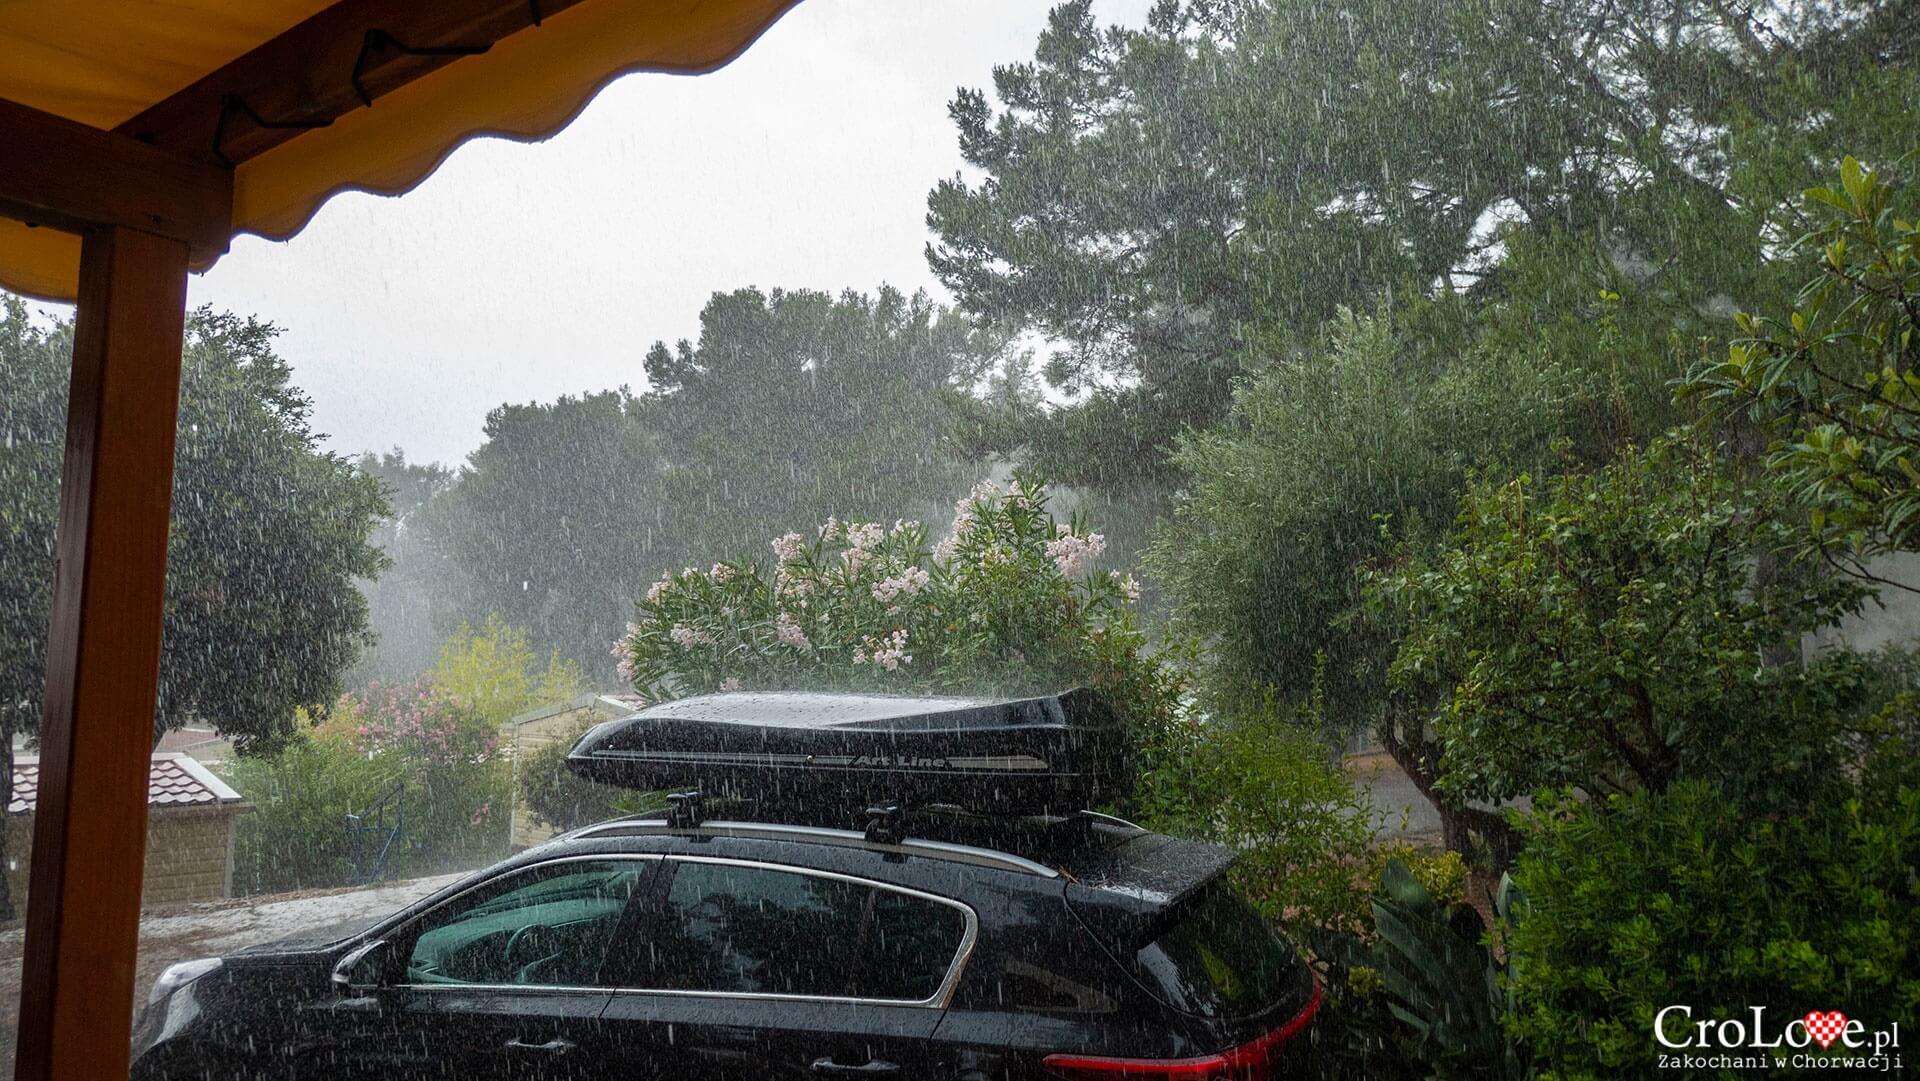 Deszcz na kempingu